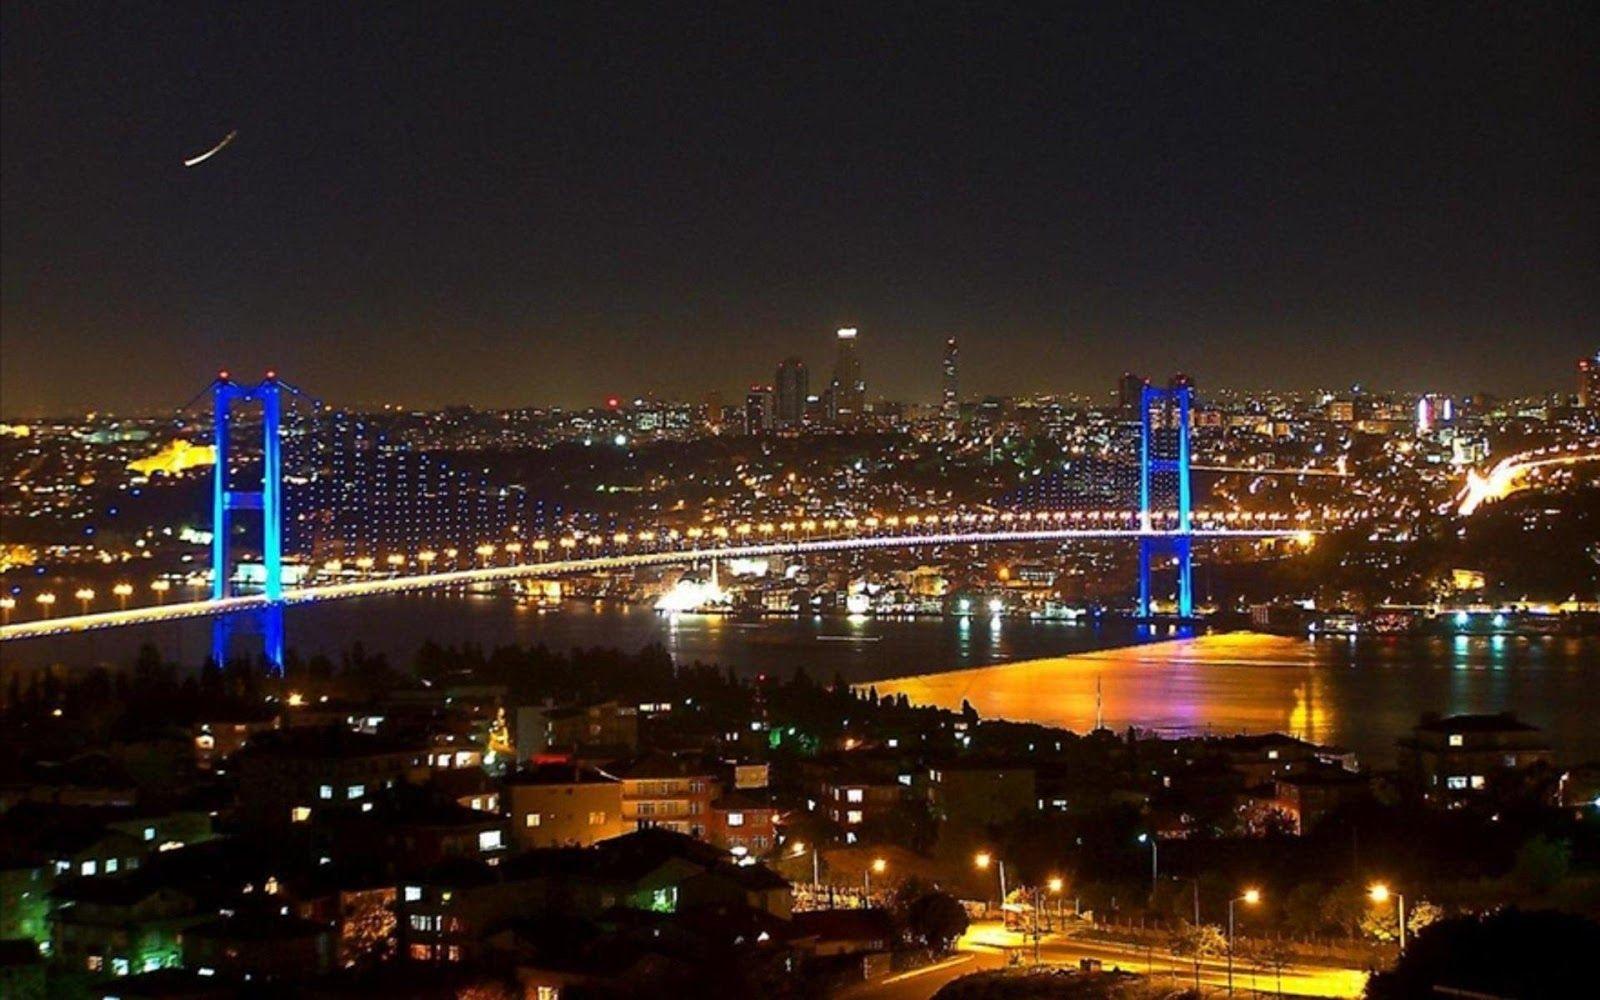 Hd Wallpapers Desktop Turkey Country Hd Desktop Wallpapers Turkey Country Bosphorus Bridge Istanbul